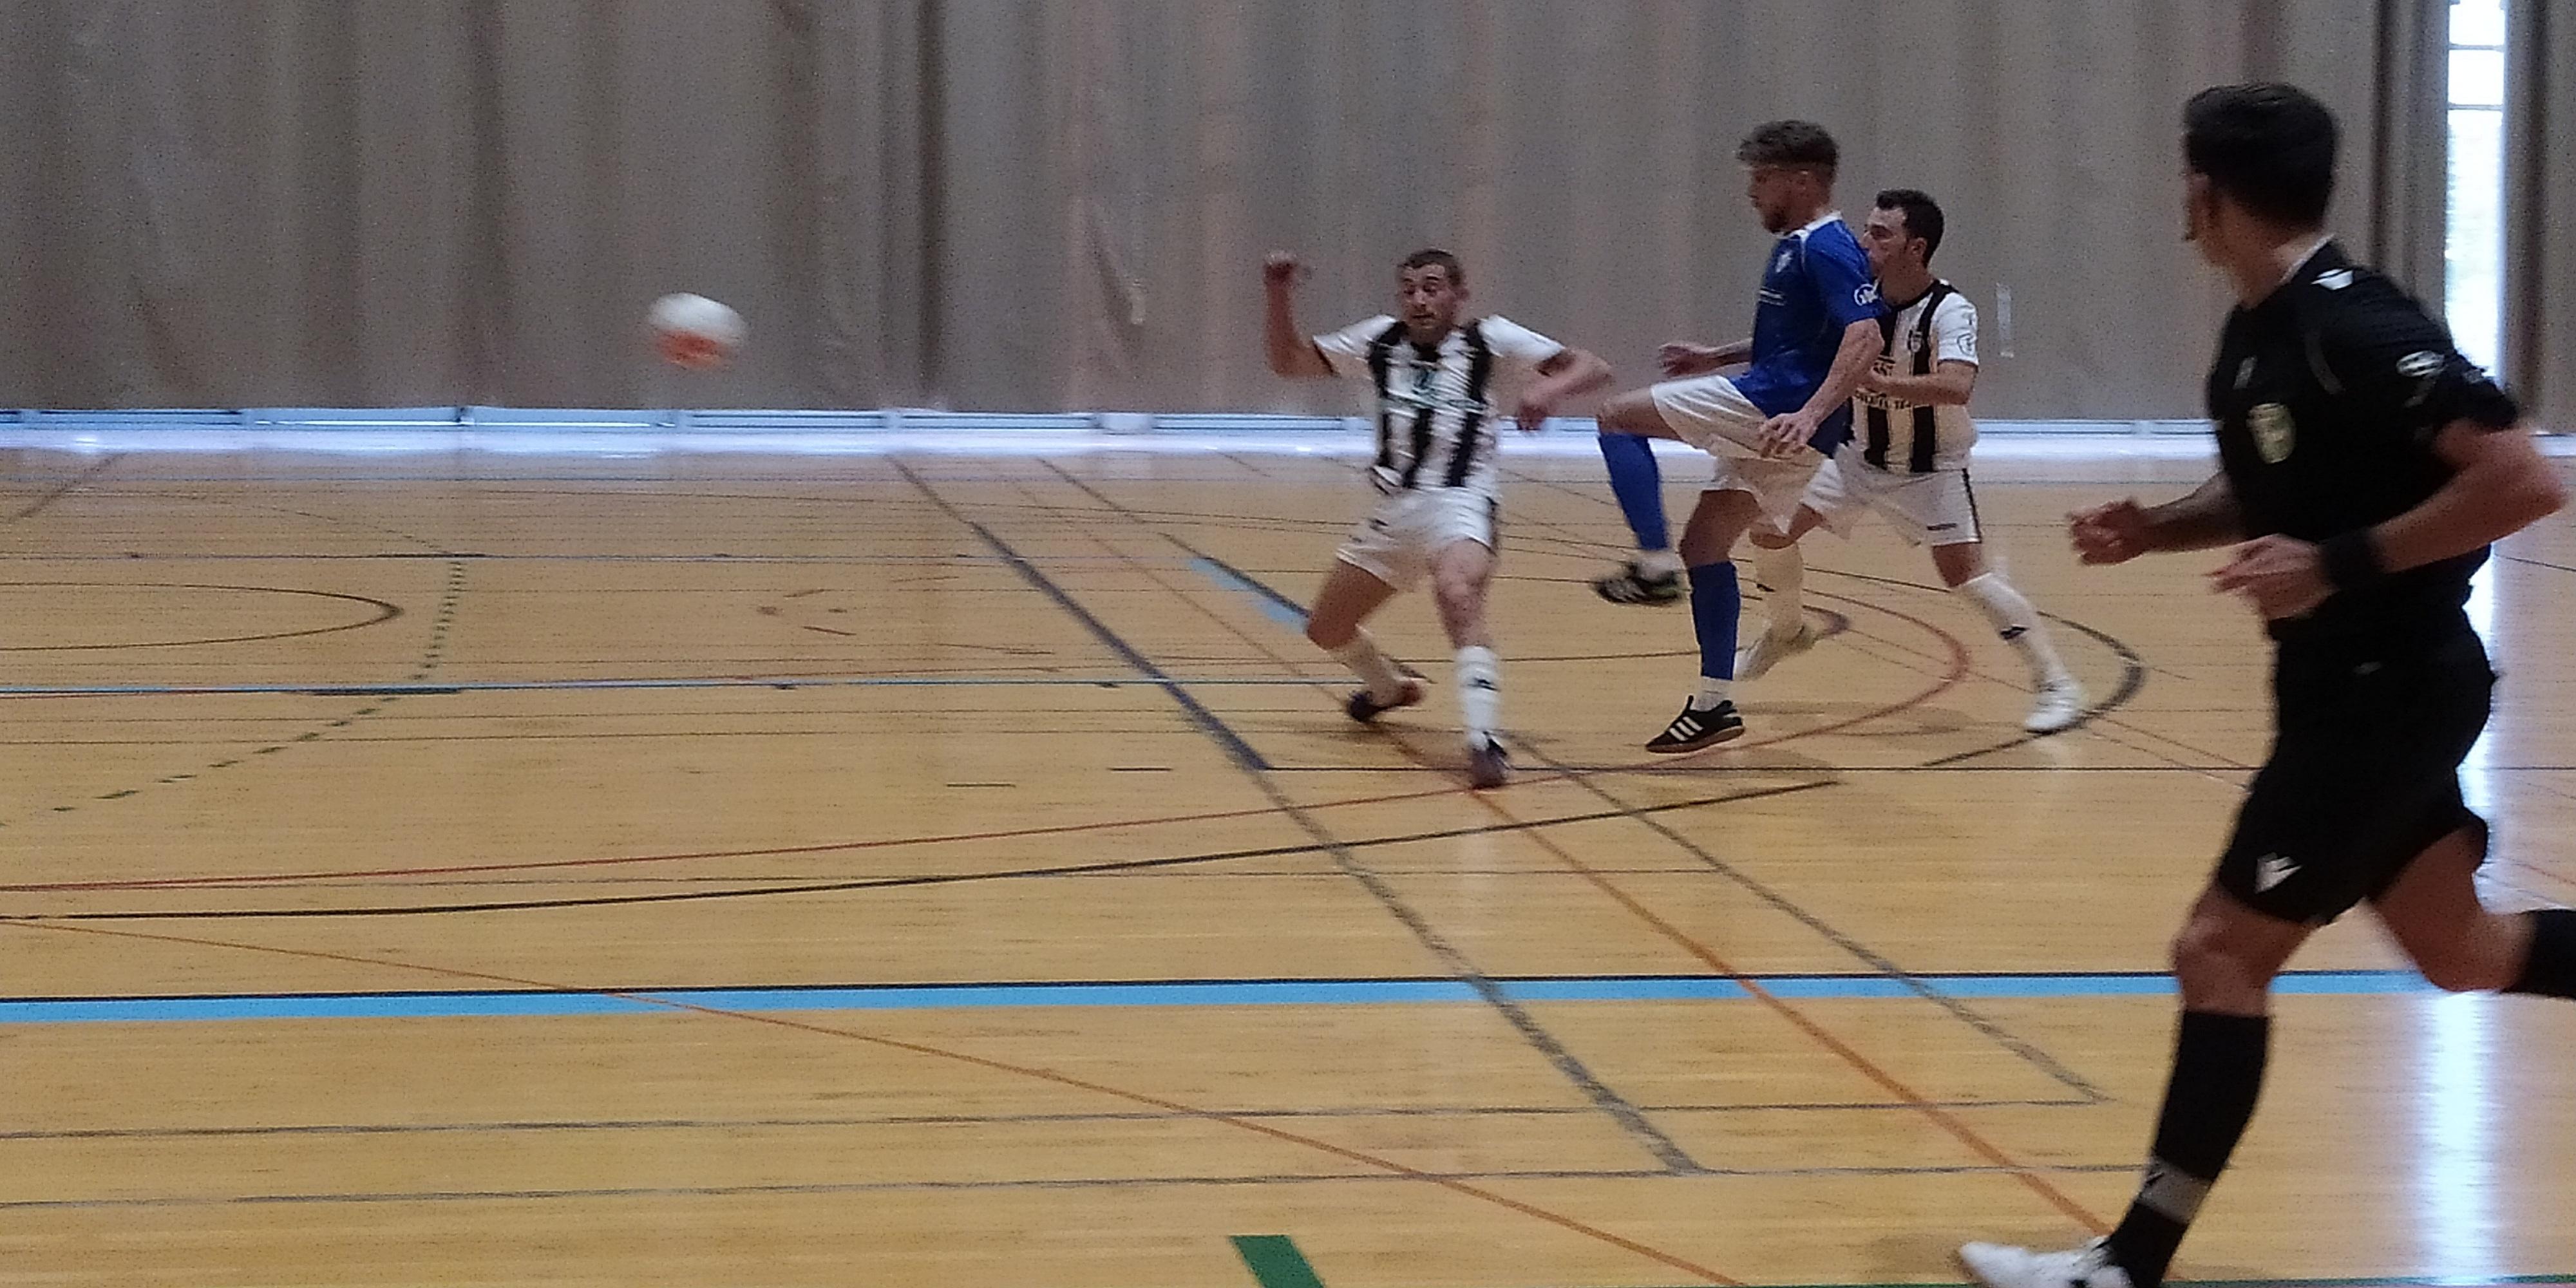 Pepe Borrallo, jugador menciano del Atlético Baenense, lesionado de gravedad en el último  partido disputado en el 'Juan Carlos I'. Foto: TV Baena.